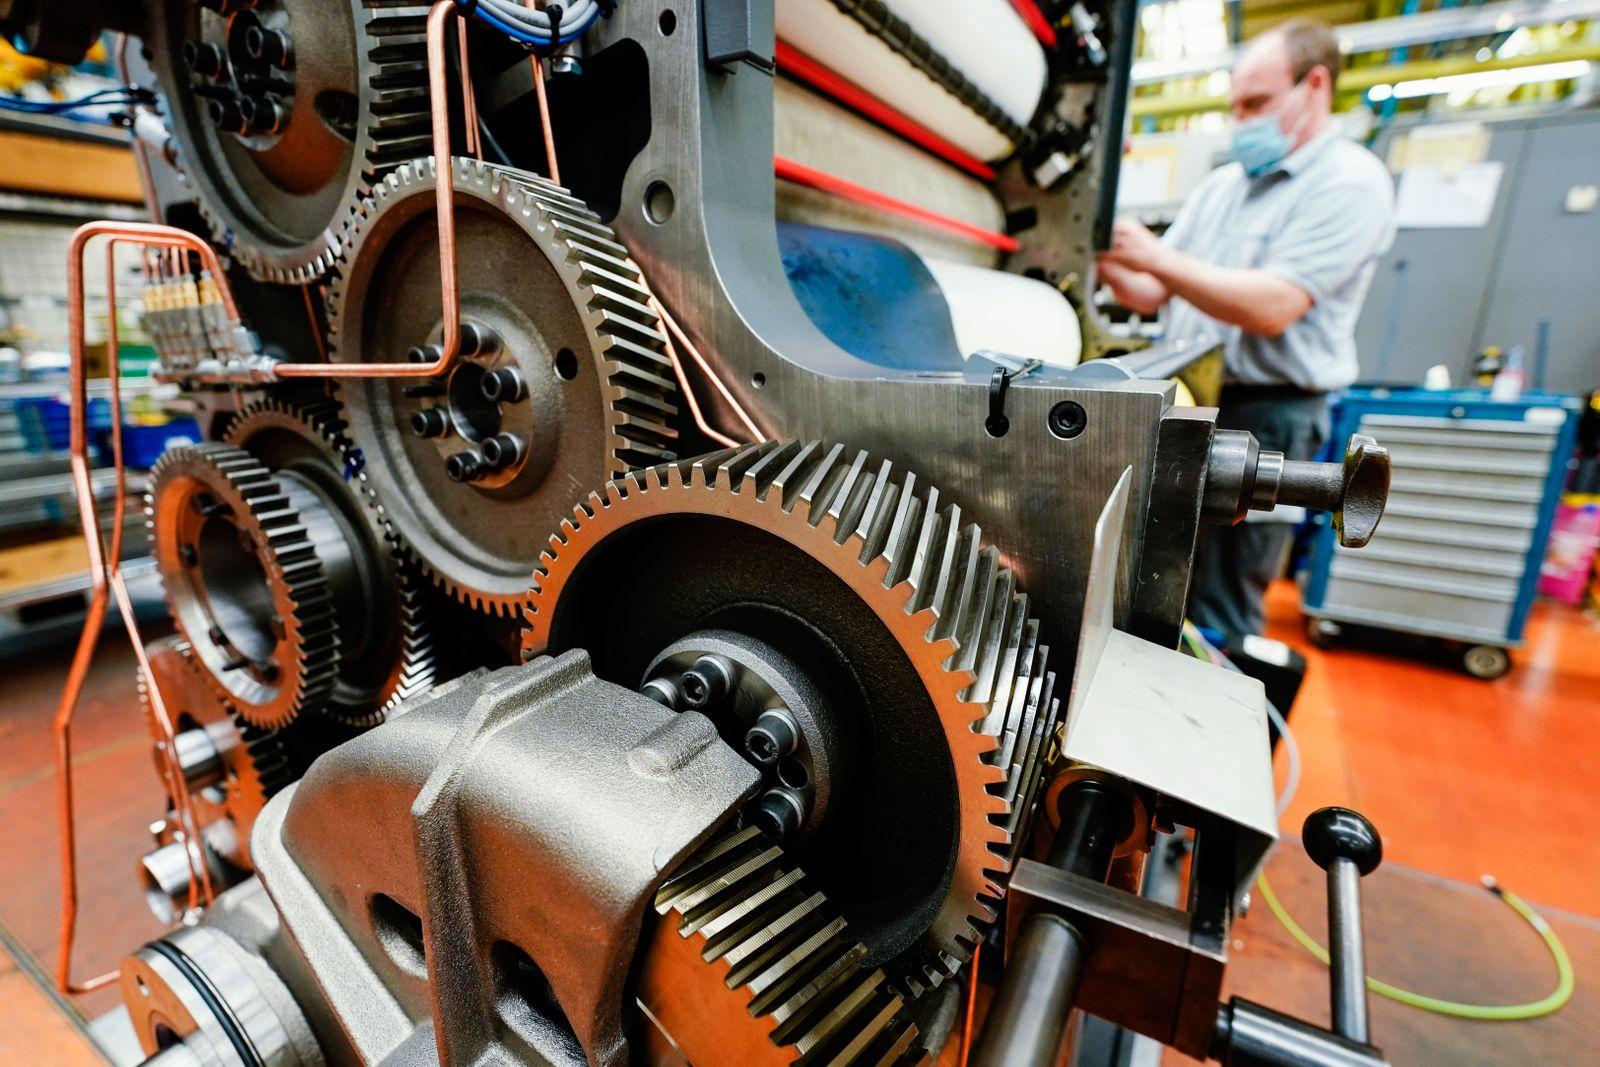 Bestellungen bei Maschinenbauern steigen kräftig